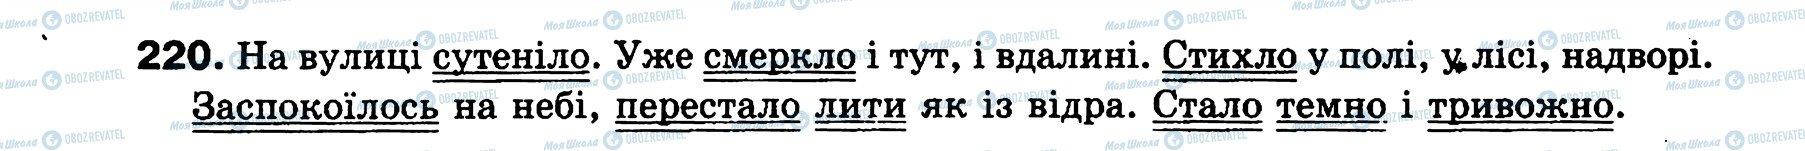 ГДЗ Українська мова 8 клас сторінка 220